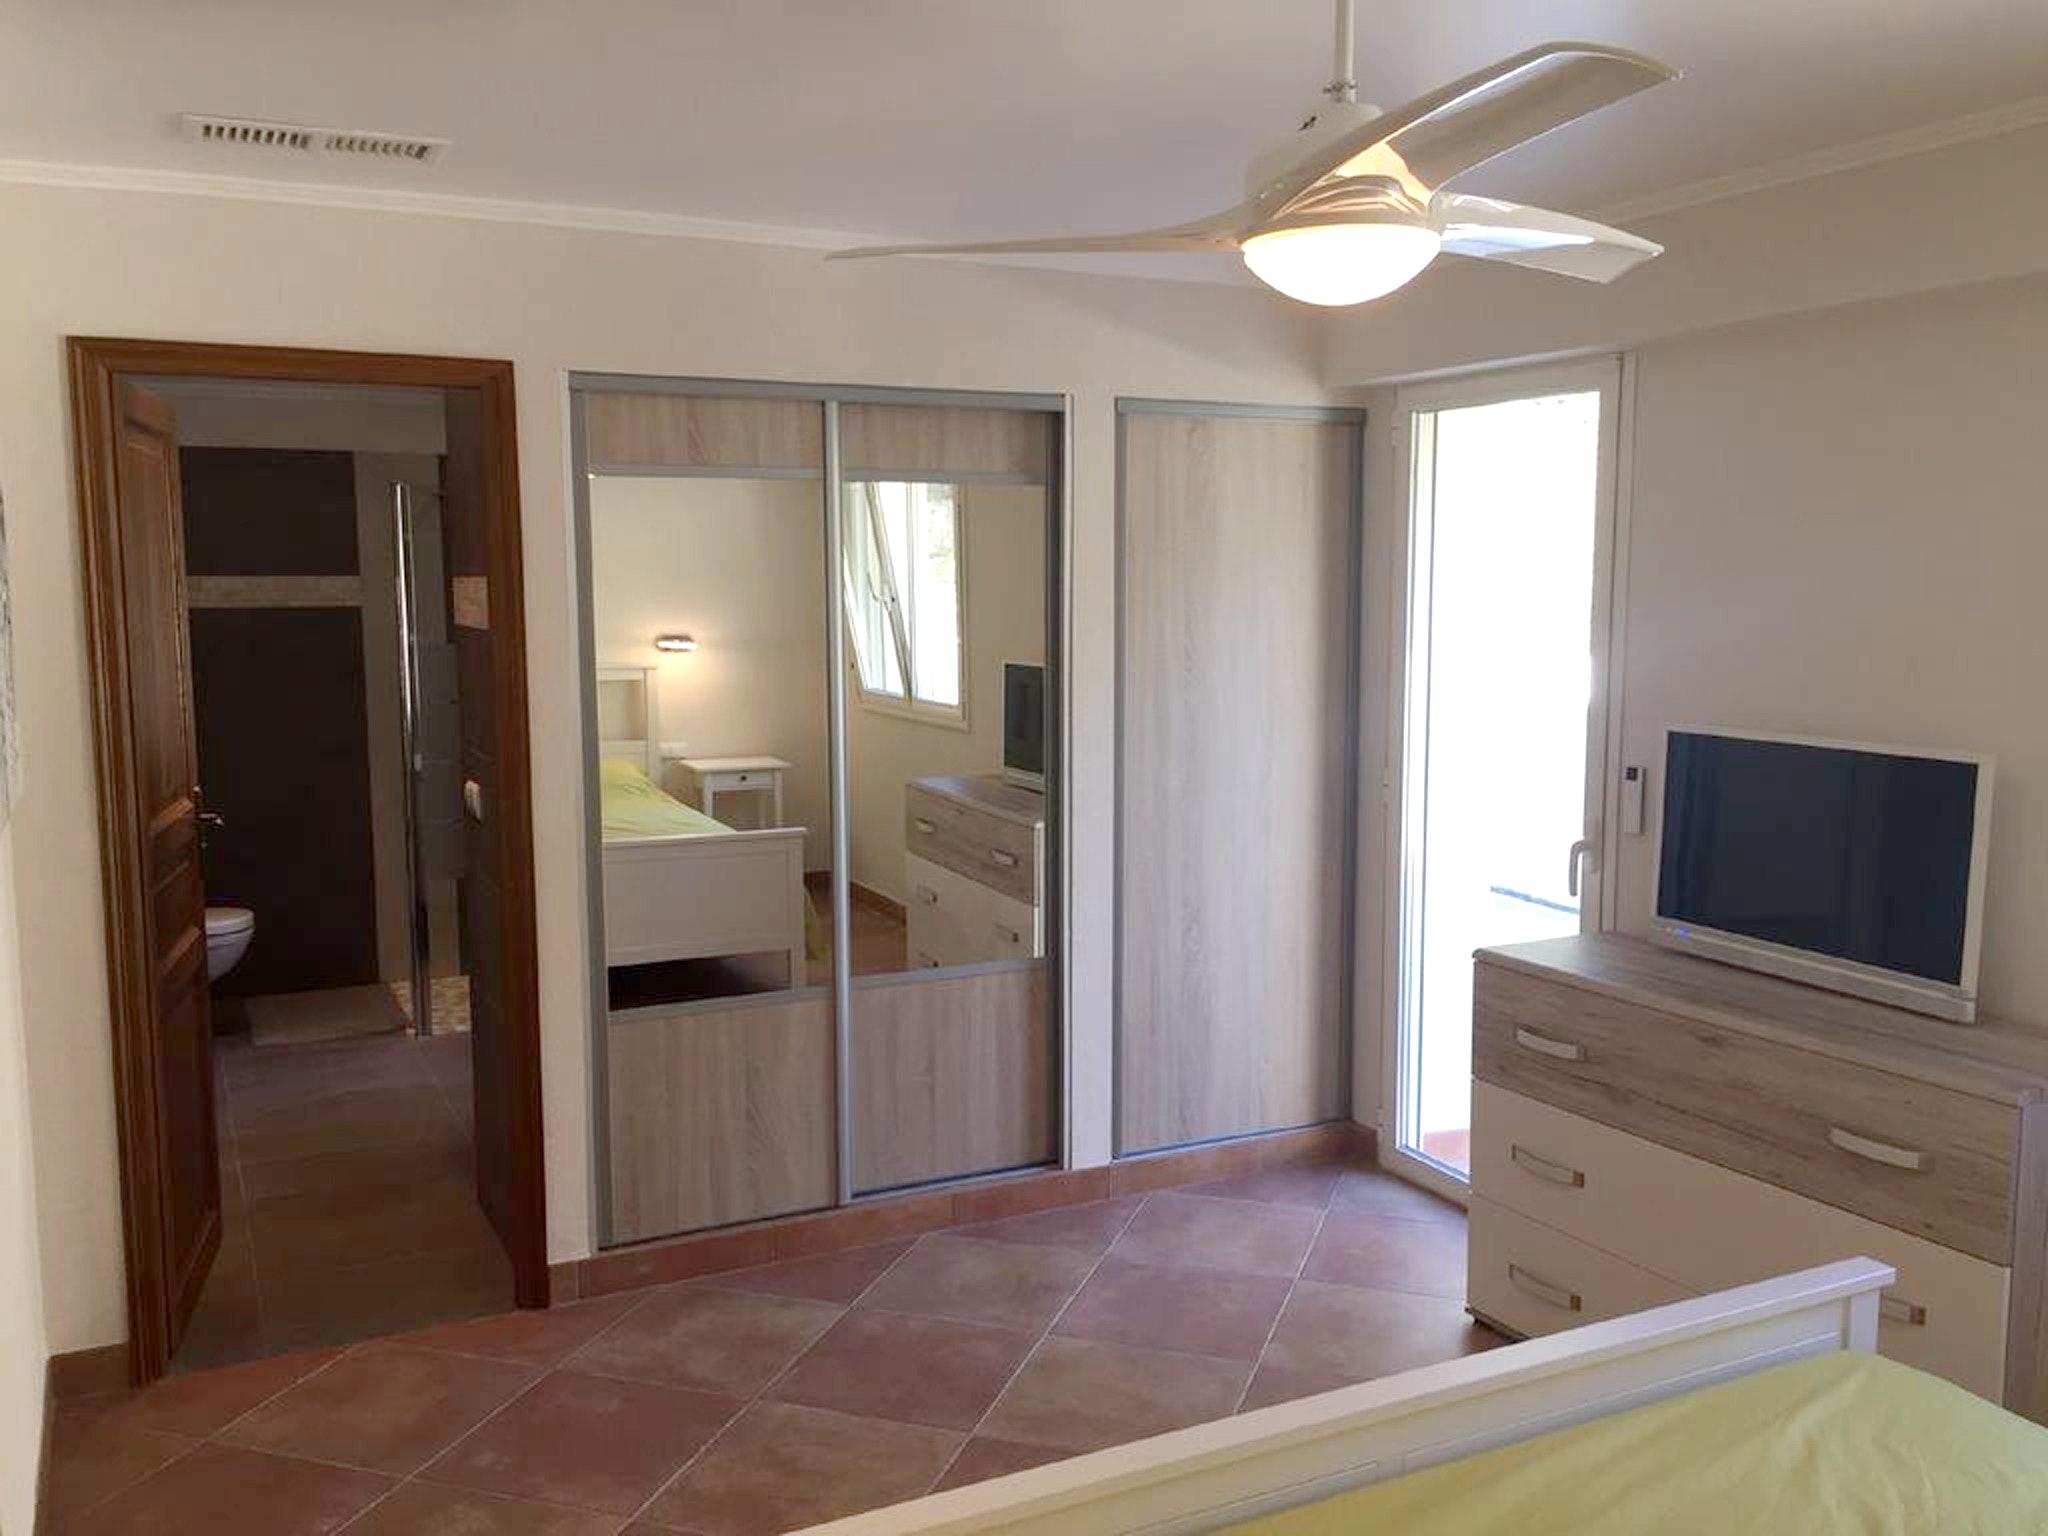 Maison de vacances Villa mit 5 Schlafzimmern in Rayol-Canadel-sur-Mer mit toller Aussicht auf die Berge, priv (2201555), Le Lavandou, Côte d'Azur, Provence - Alpes - Côte d'Azur, France, image 20